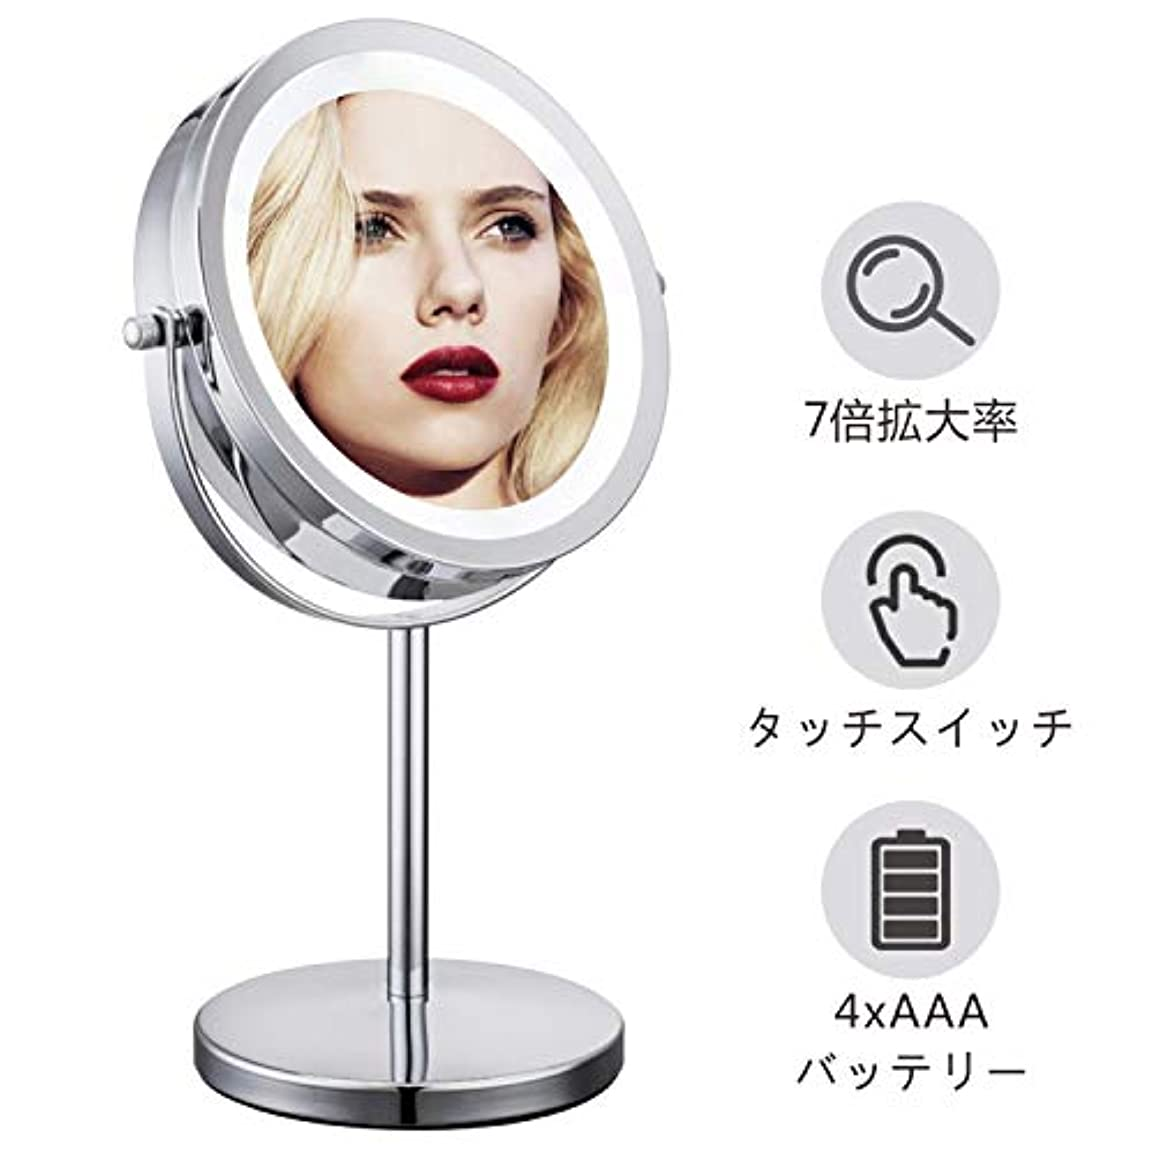 普通の船員フレットMinracler 化粧鏡 7倍拡大 卓上 化粧ミラー led両面鏡 明るさ調節可能 360度回転 (鏡面155mmΦ) 電池給電